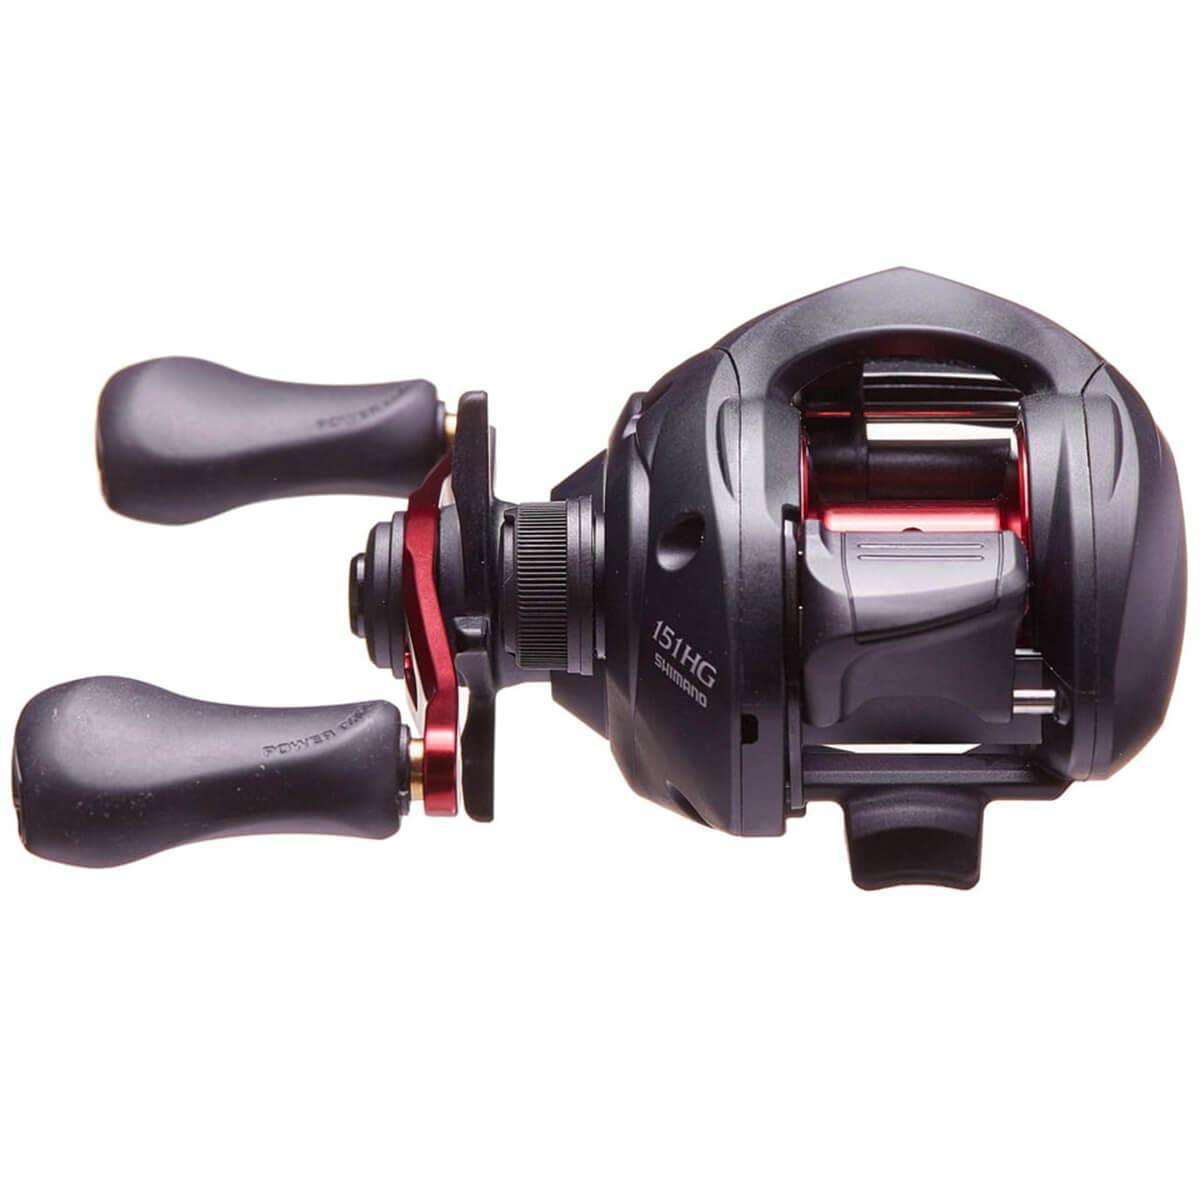 Carretilha Shimano Caius 151 HGB (Esquerda)  - Pró Pesca Shop